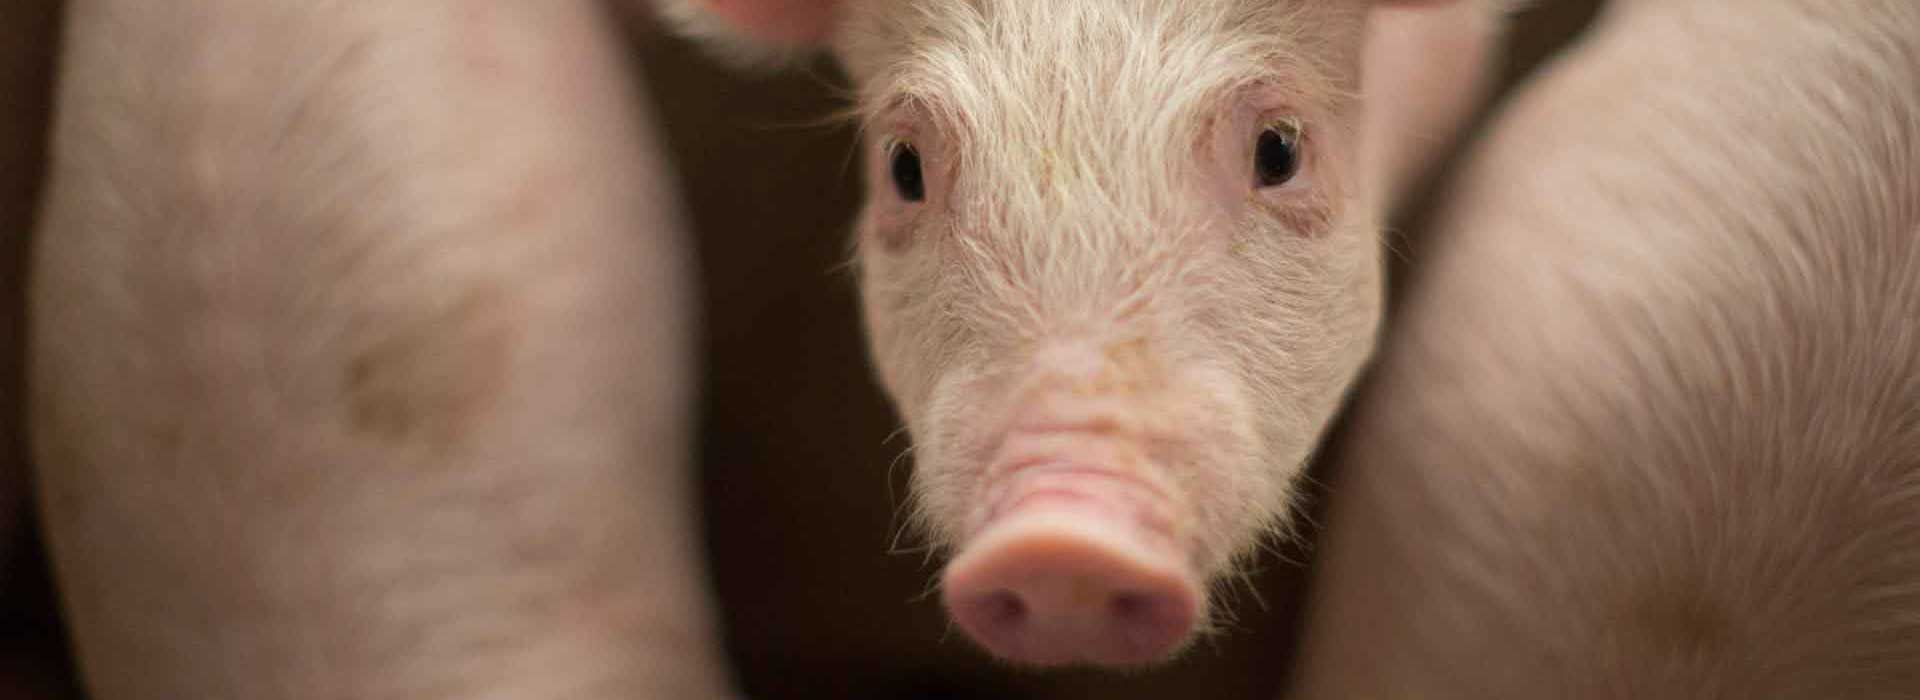 Pig hero